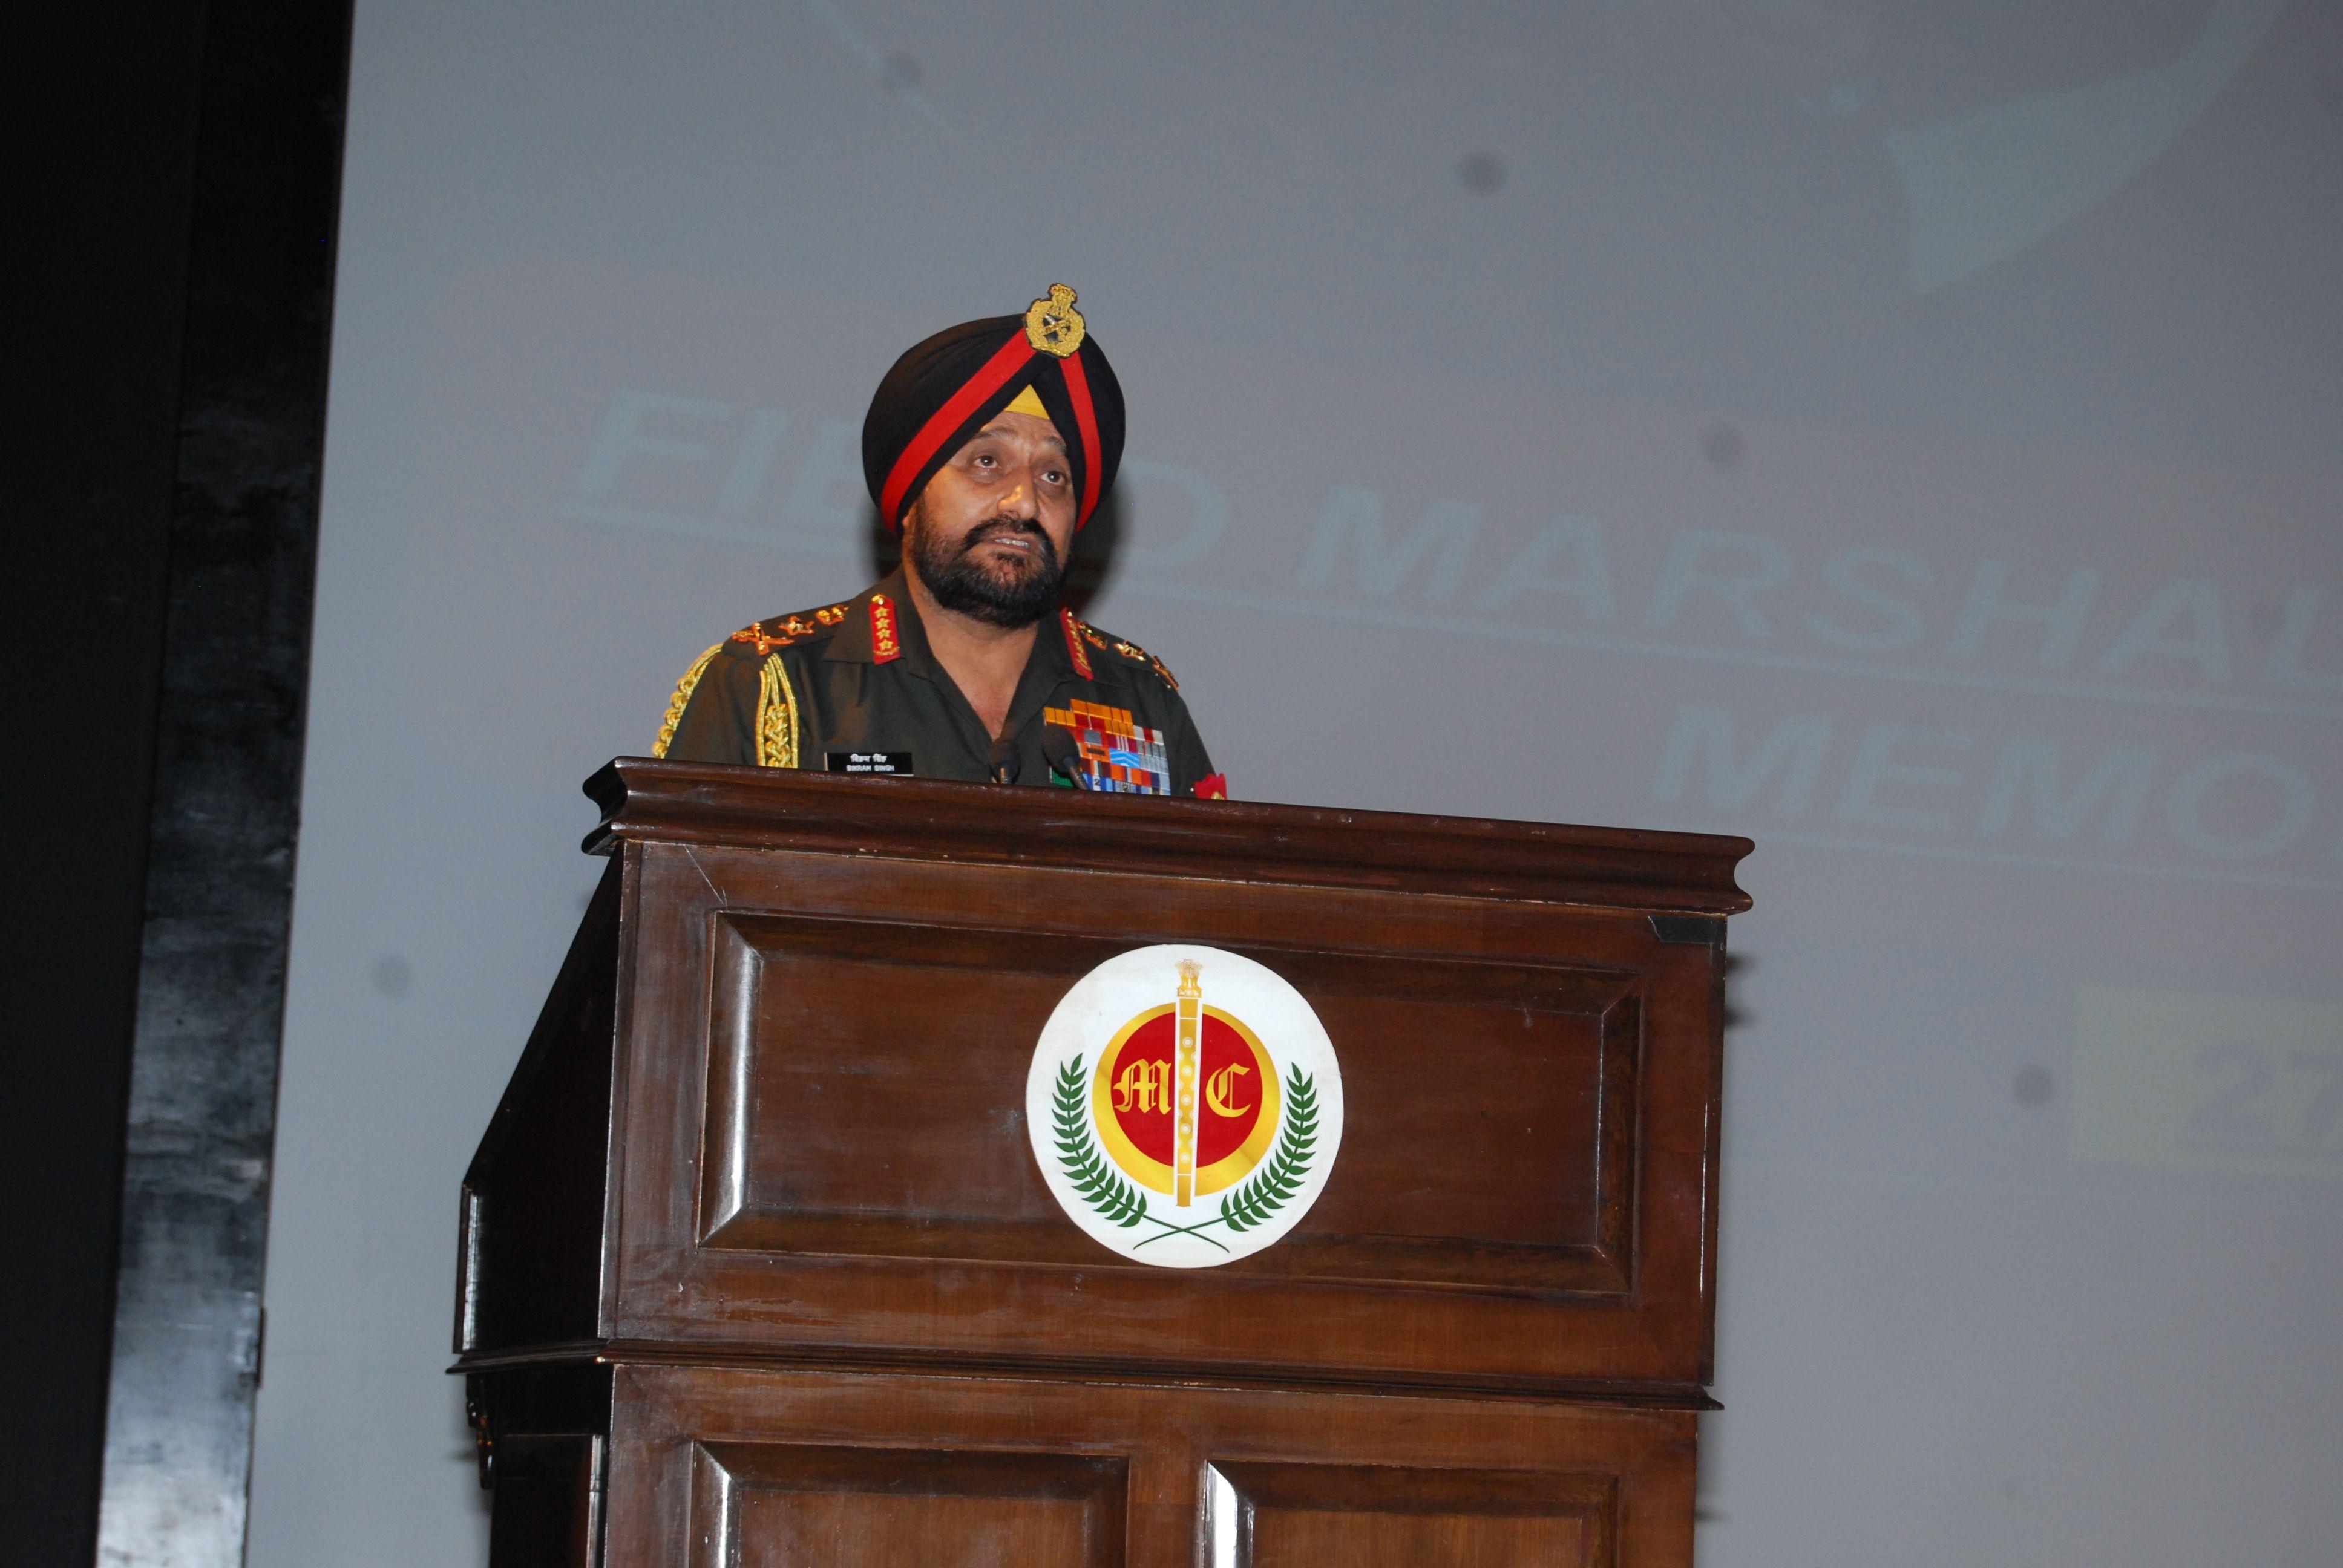 Field Marshal Sam Manekshaw Memorial Lecture Core Sector Communique Field Marshal Lecture Memories